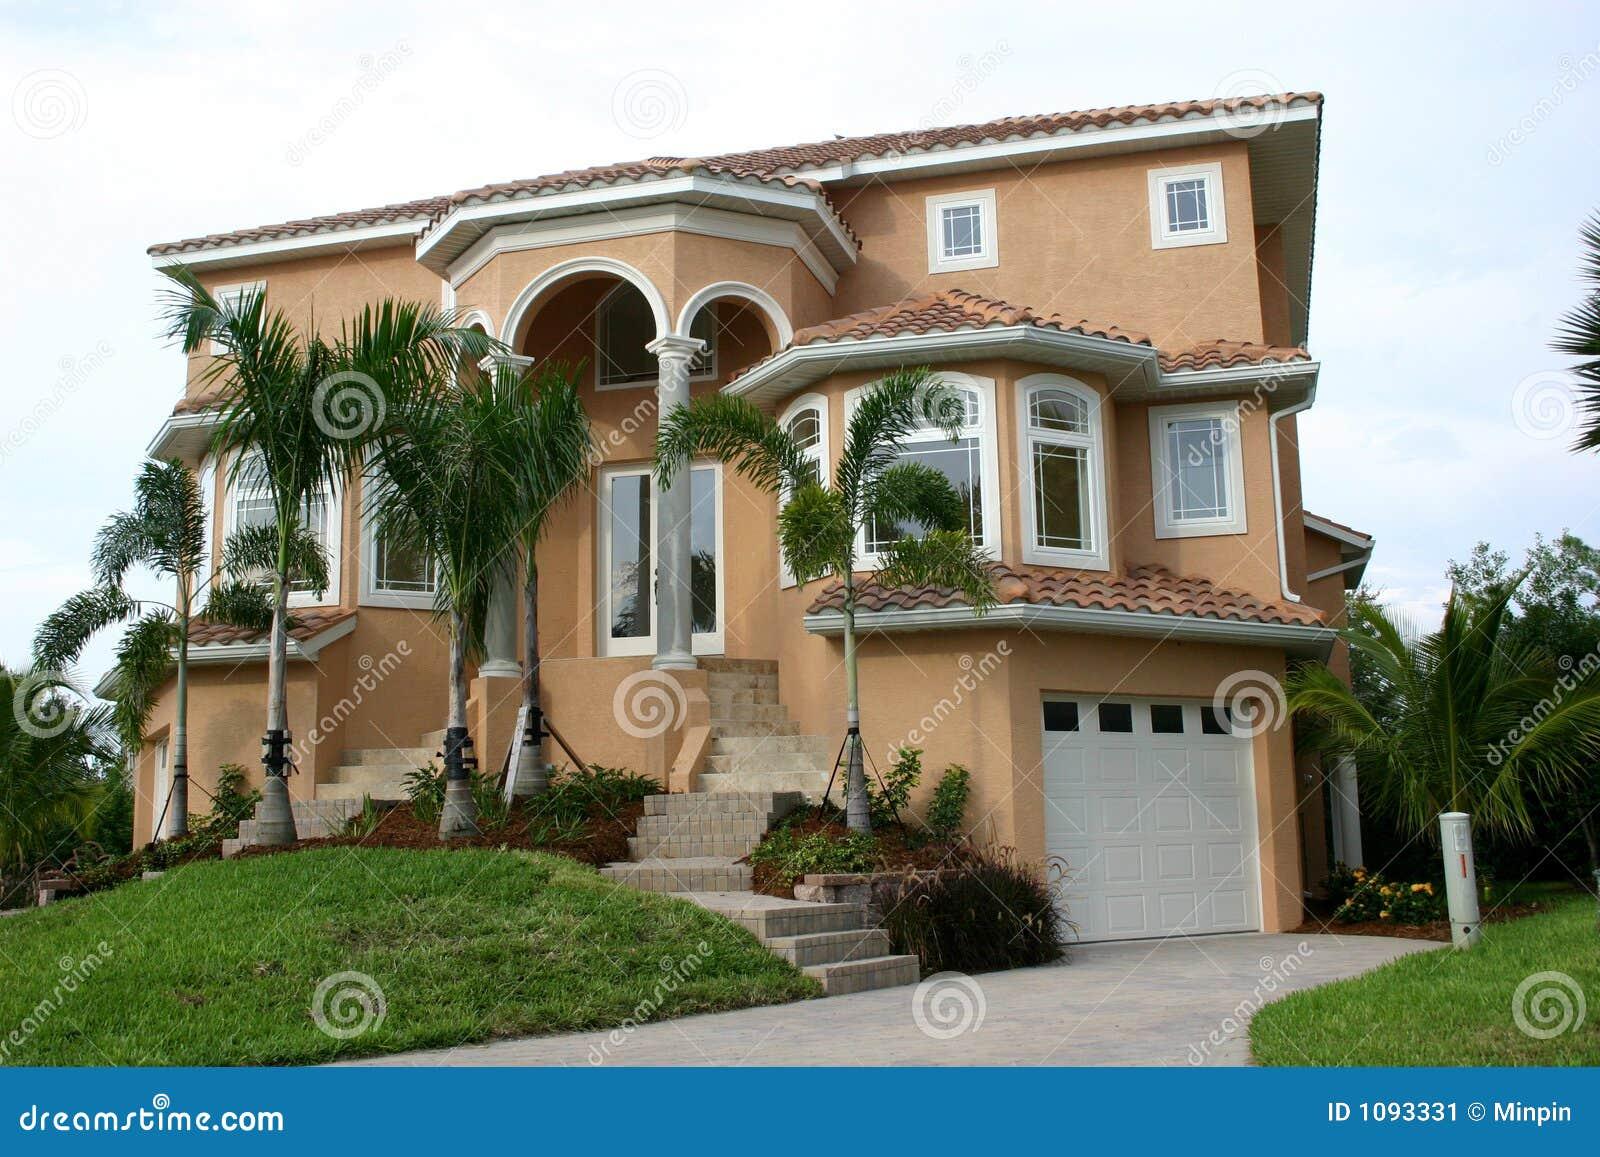 maison de terre cuite dans les tropiques image stock image 1093331. Black Bedroom Furniture Sets. Home Design Ideas